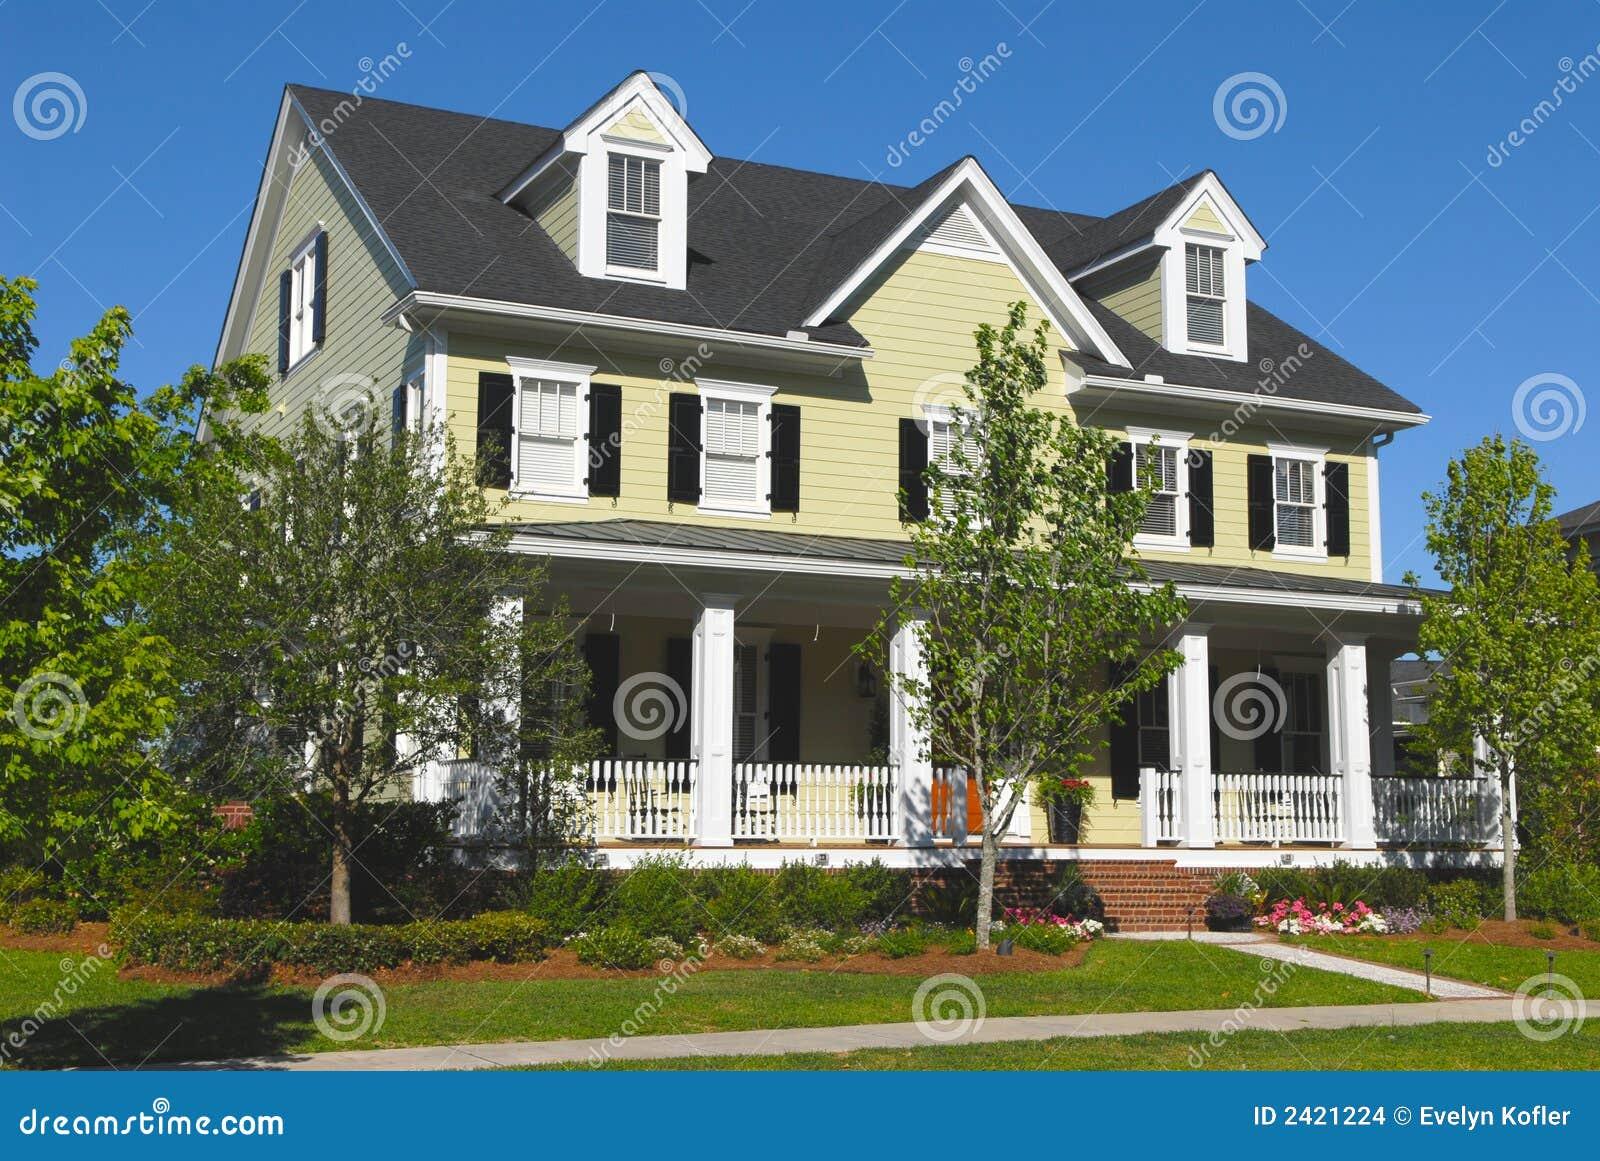 Casa modelo foto de stock imagem de urbano plantas for Casa modelo americano